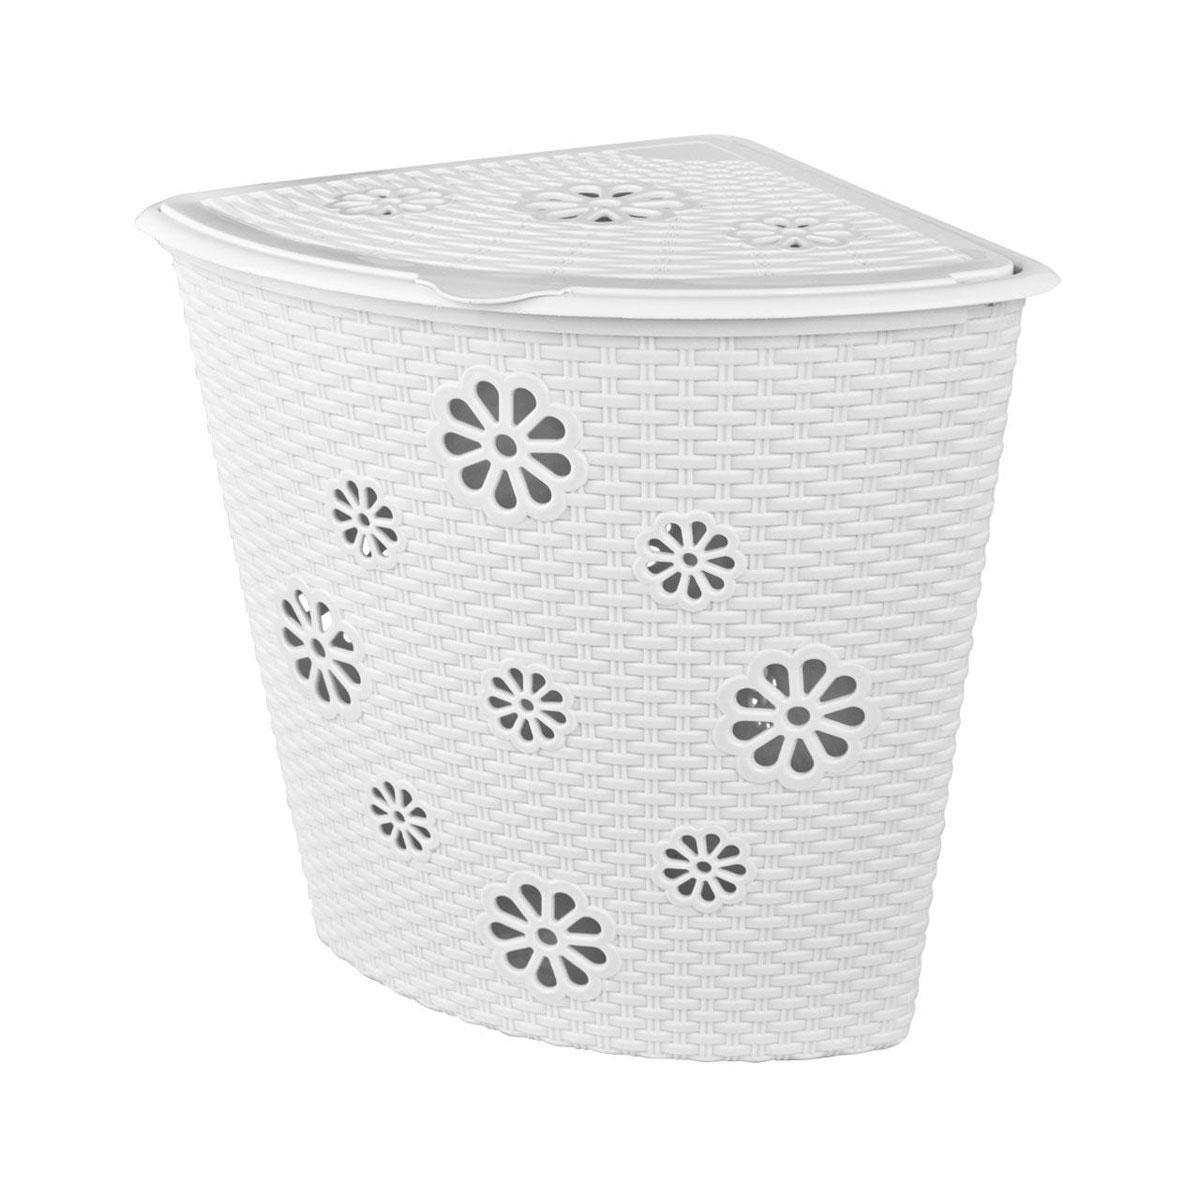 Корзина для белья Альтернатива Плетенка, угловая, цвет: белый, 45 л531-105Угловая корзина для белья Альтернатива Плетенка изготовлена из прочного пластика. Она отлично подойдет для хранения белья перед стиркой. Специальные отверстия на стенках и крышке в форме цветов создают идеальные условия для проветривания. Изделие оснащено крышкой. Такая корзина для белья прекрасно впишется в интерьер ванной комнаты.